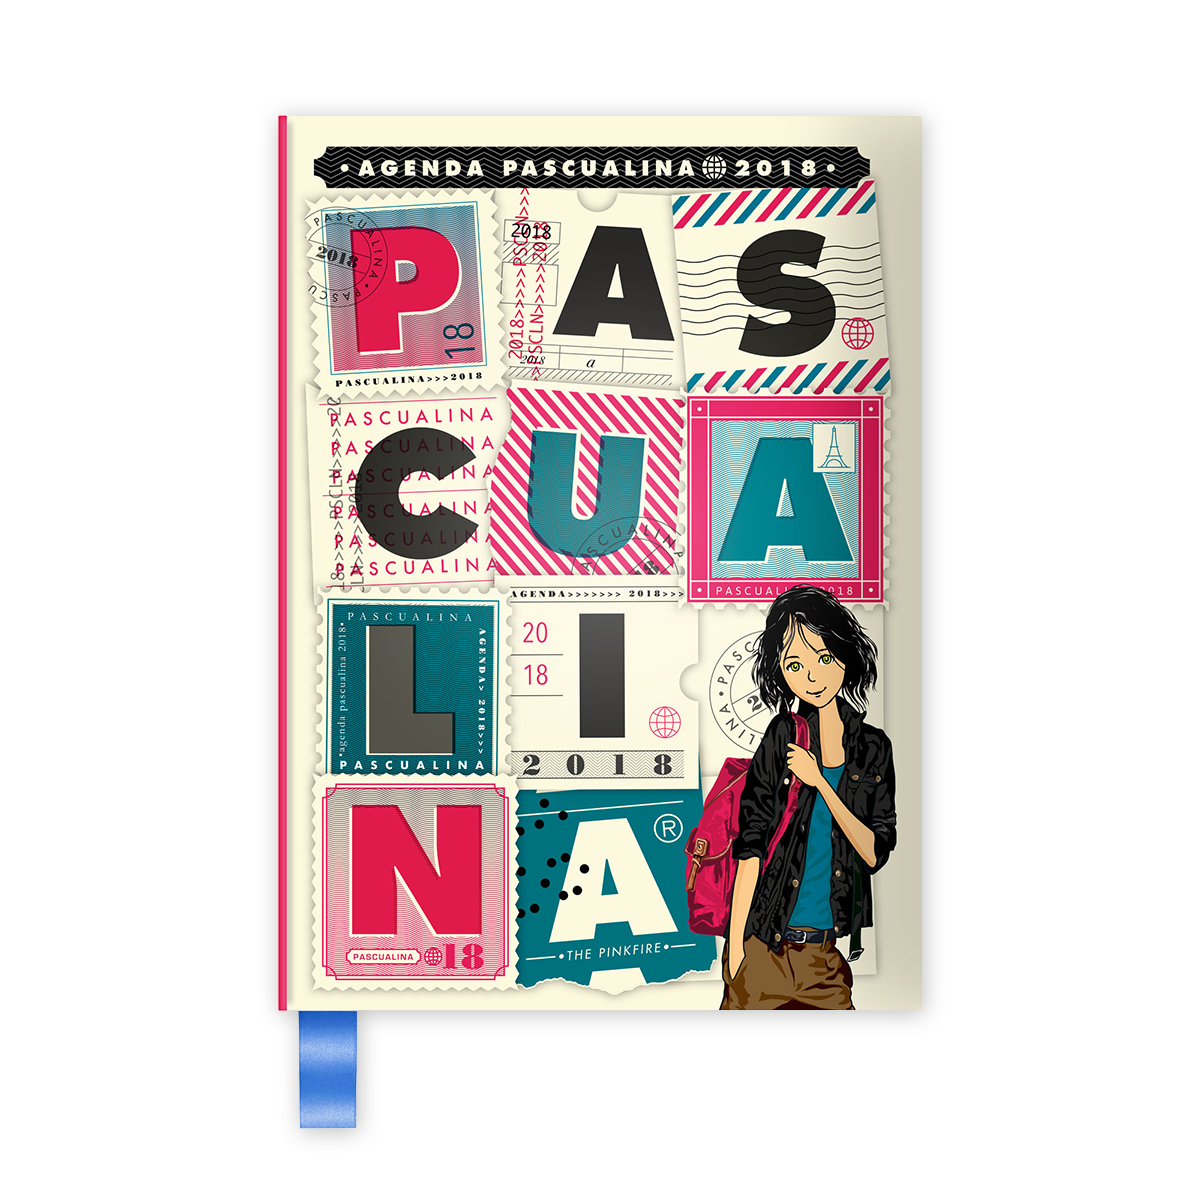 Agenda Pascualina Travel 2018